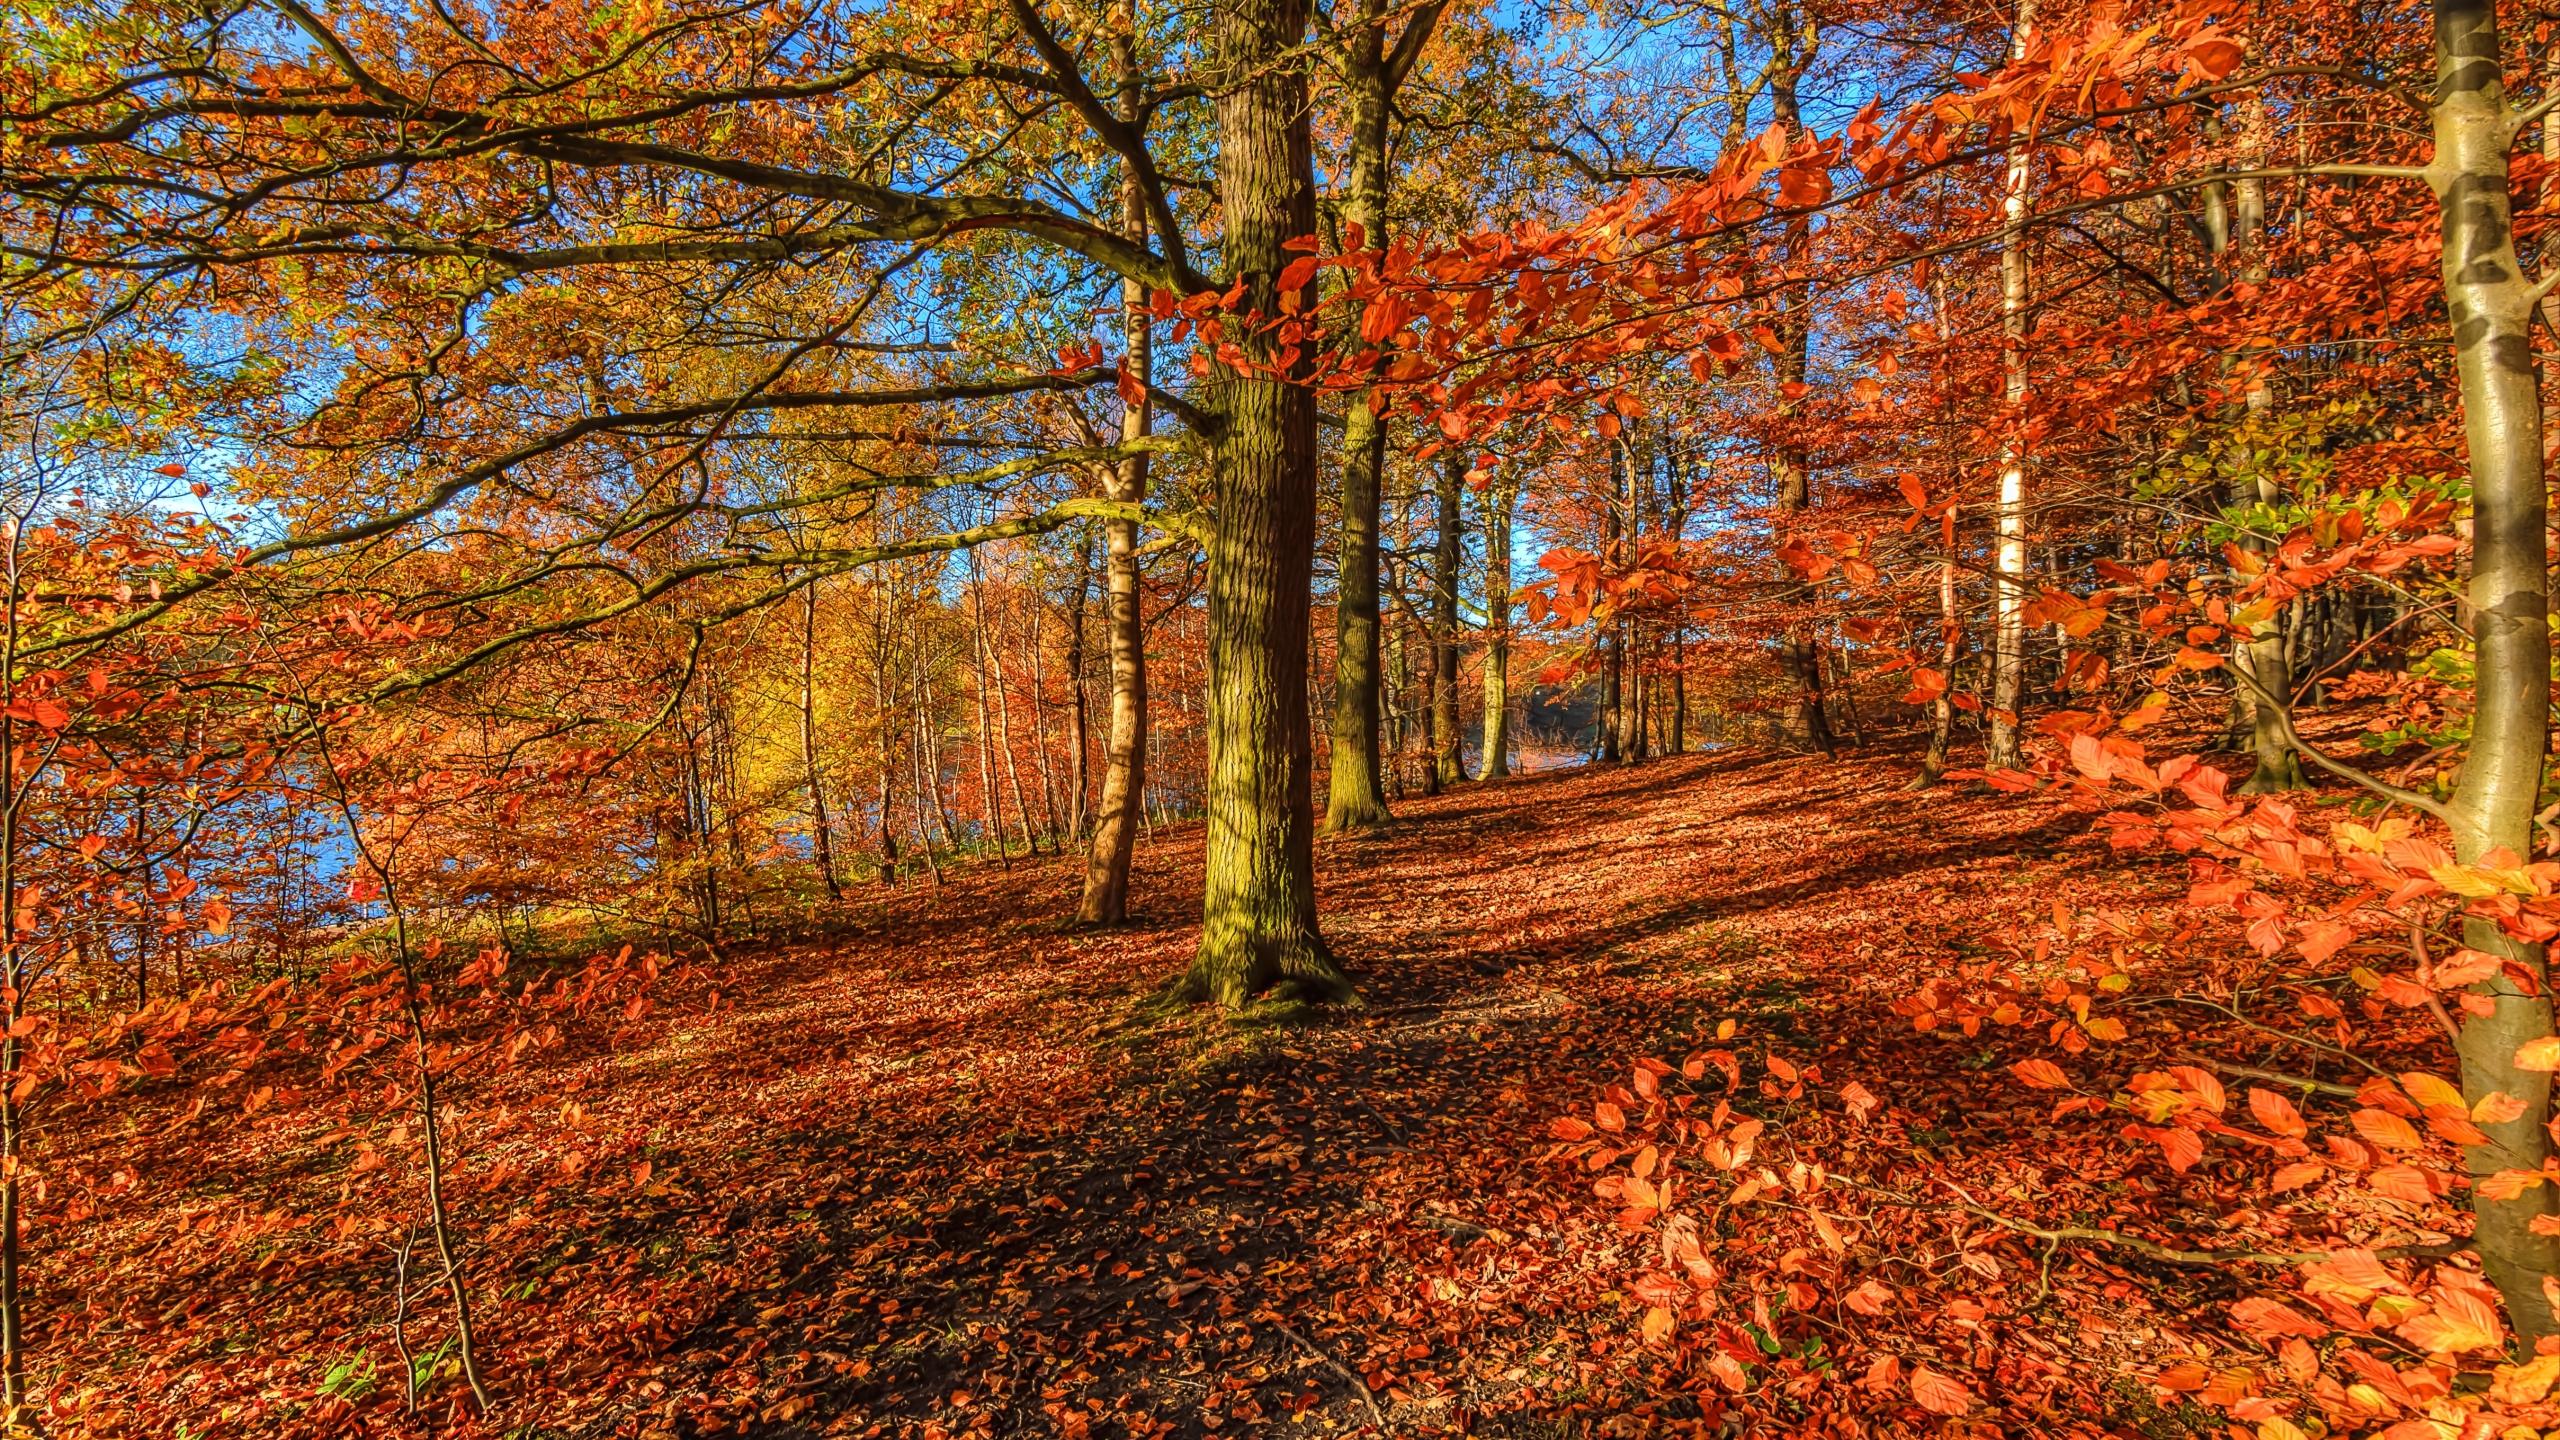 Autumn Wallpaper for Mac - WallpaperSafari